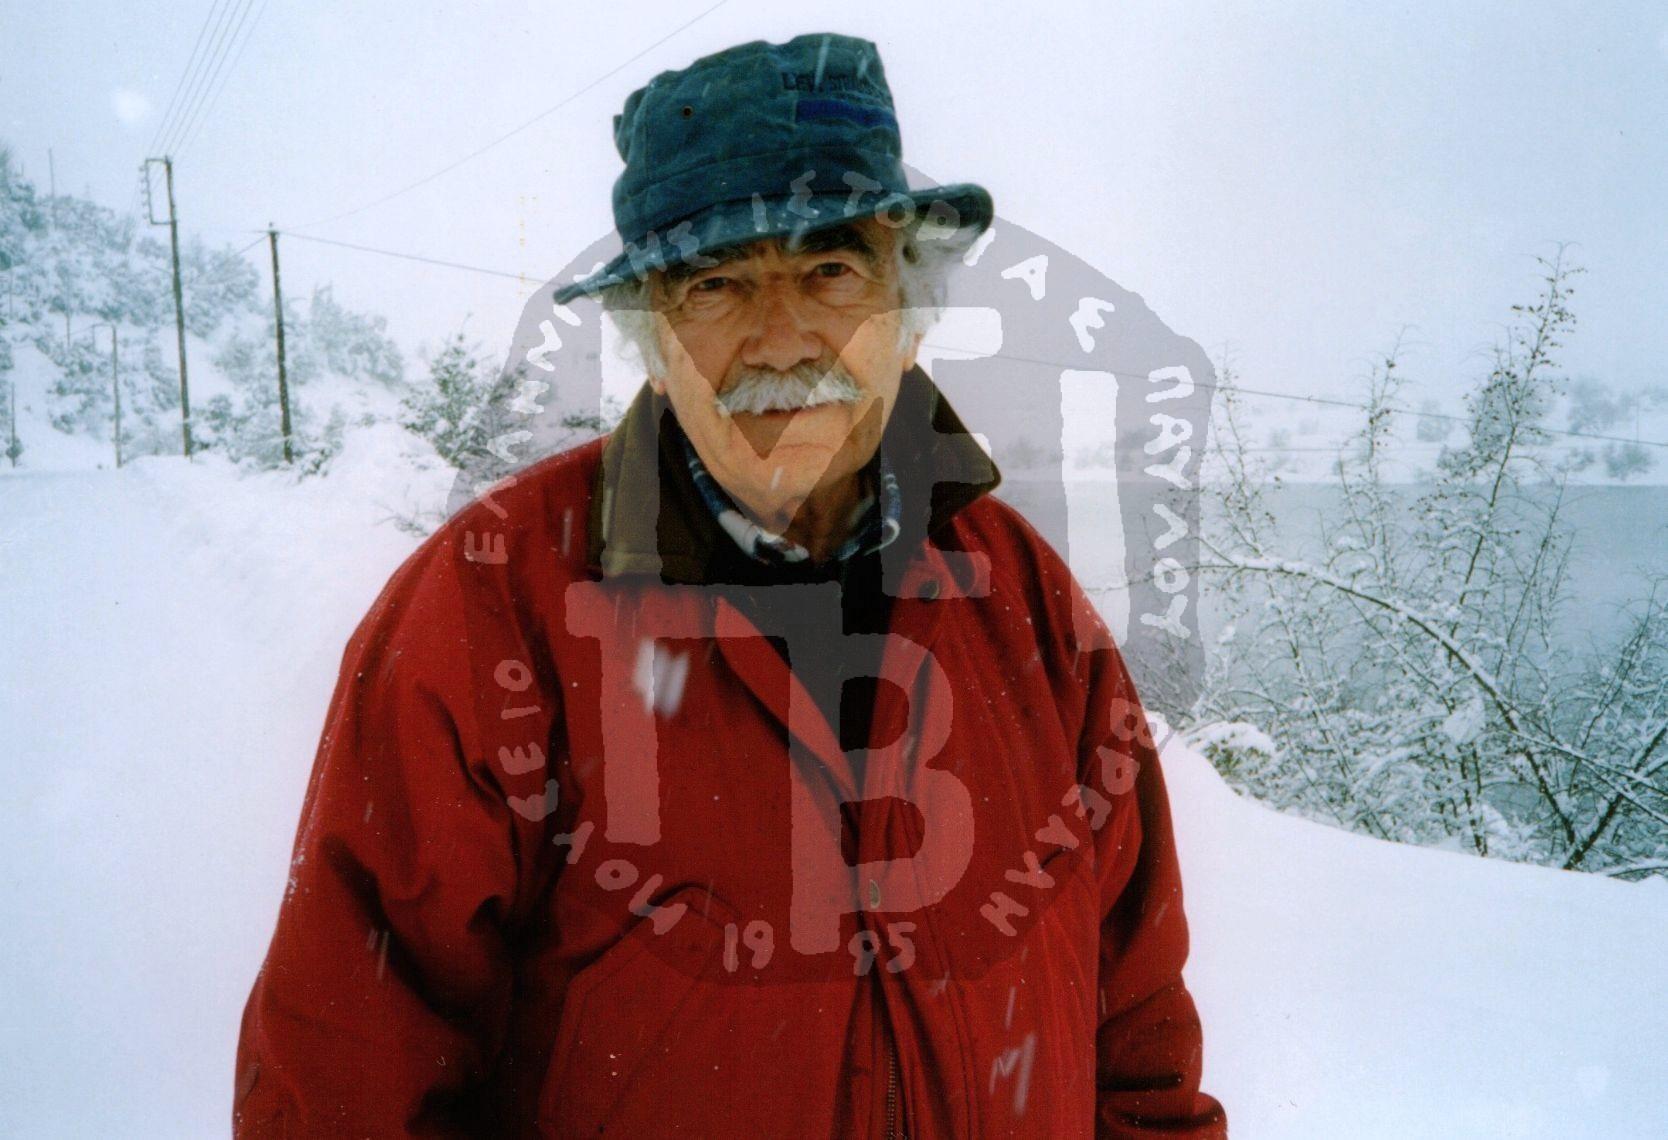 Ο πιό σκληρός χειμώνας του Μουσείου – Φλεβάρης 1998